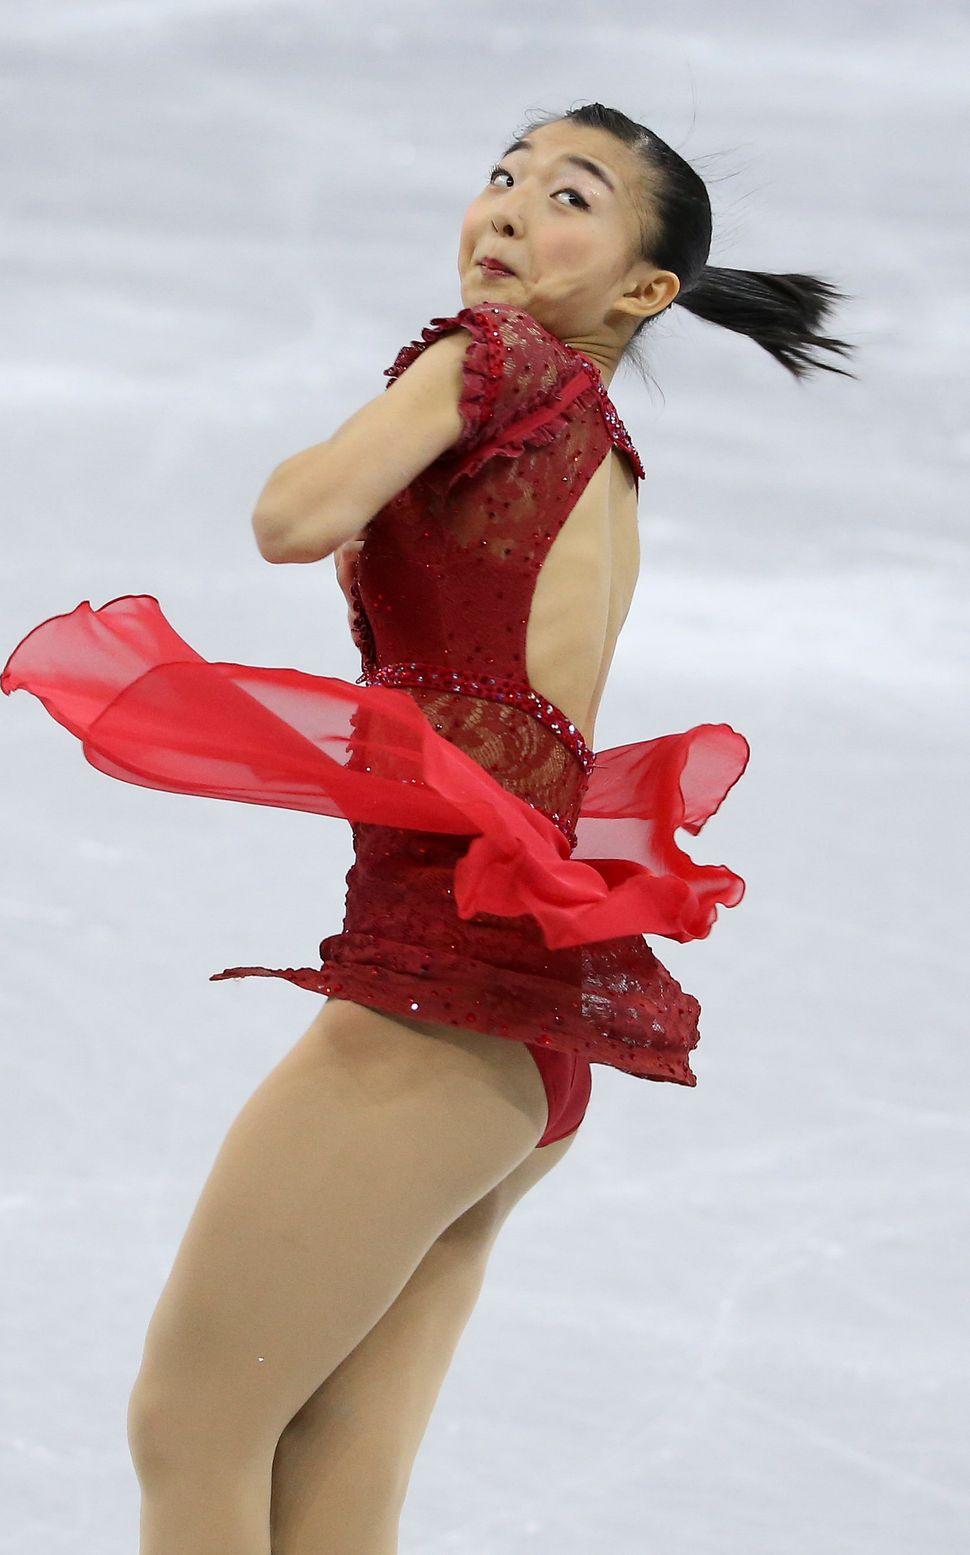 Kaori Sakamoto of Japan.